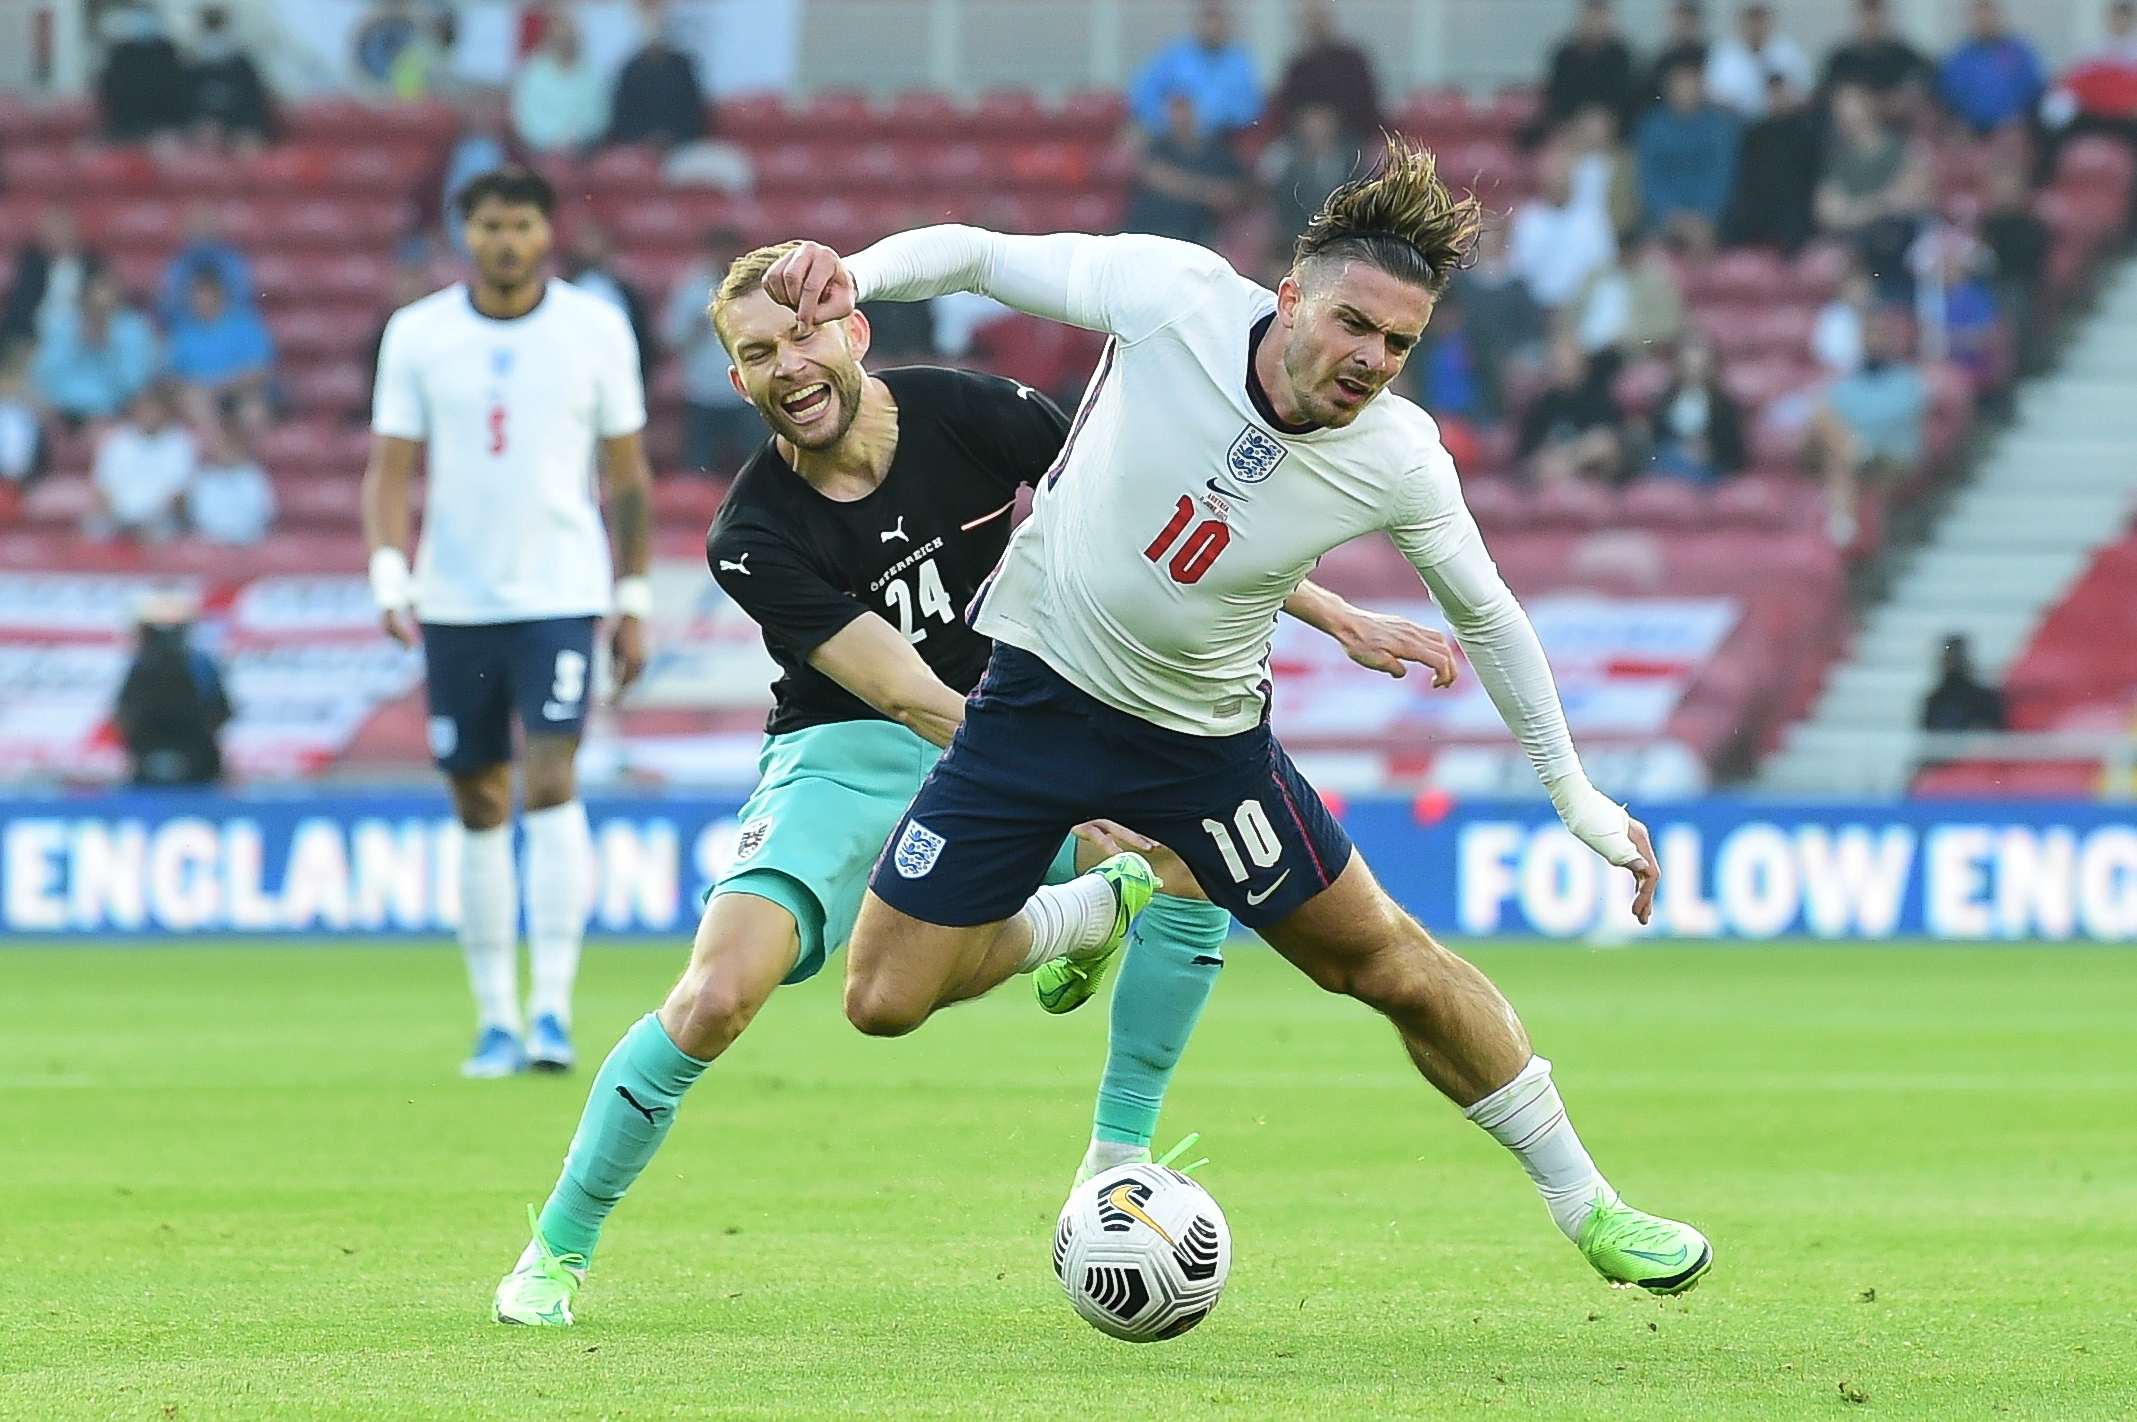 Στοίχημα: Αγγλία με combo στο 2.40 και Goal/Goal